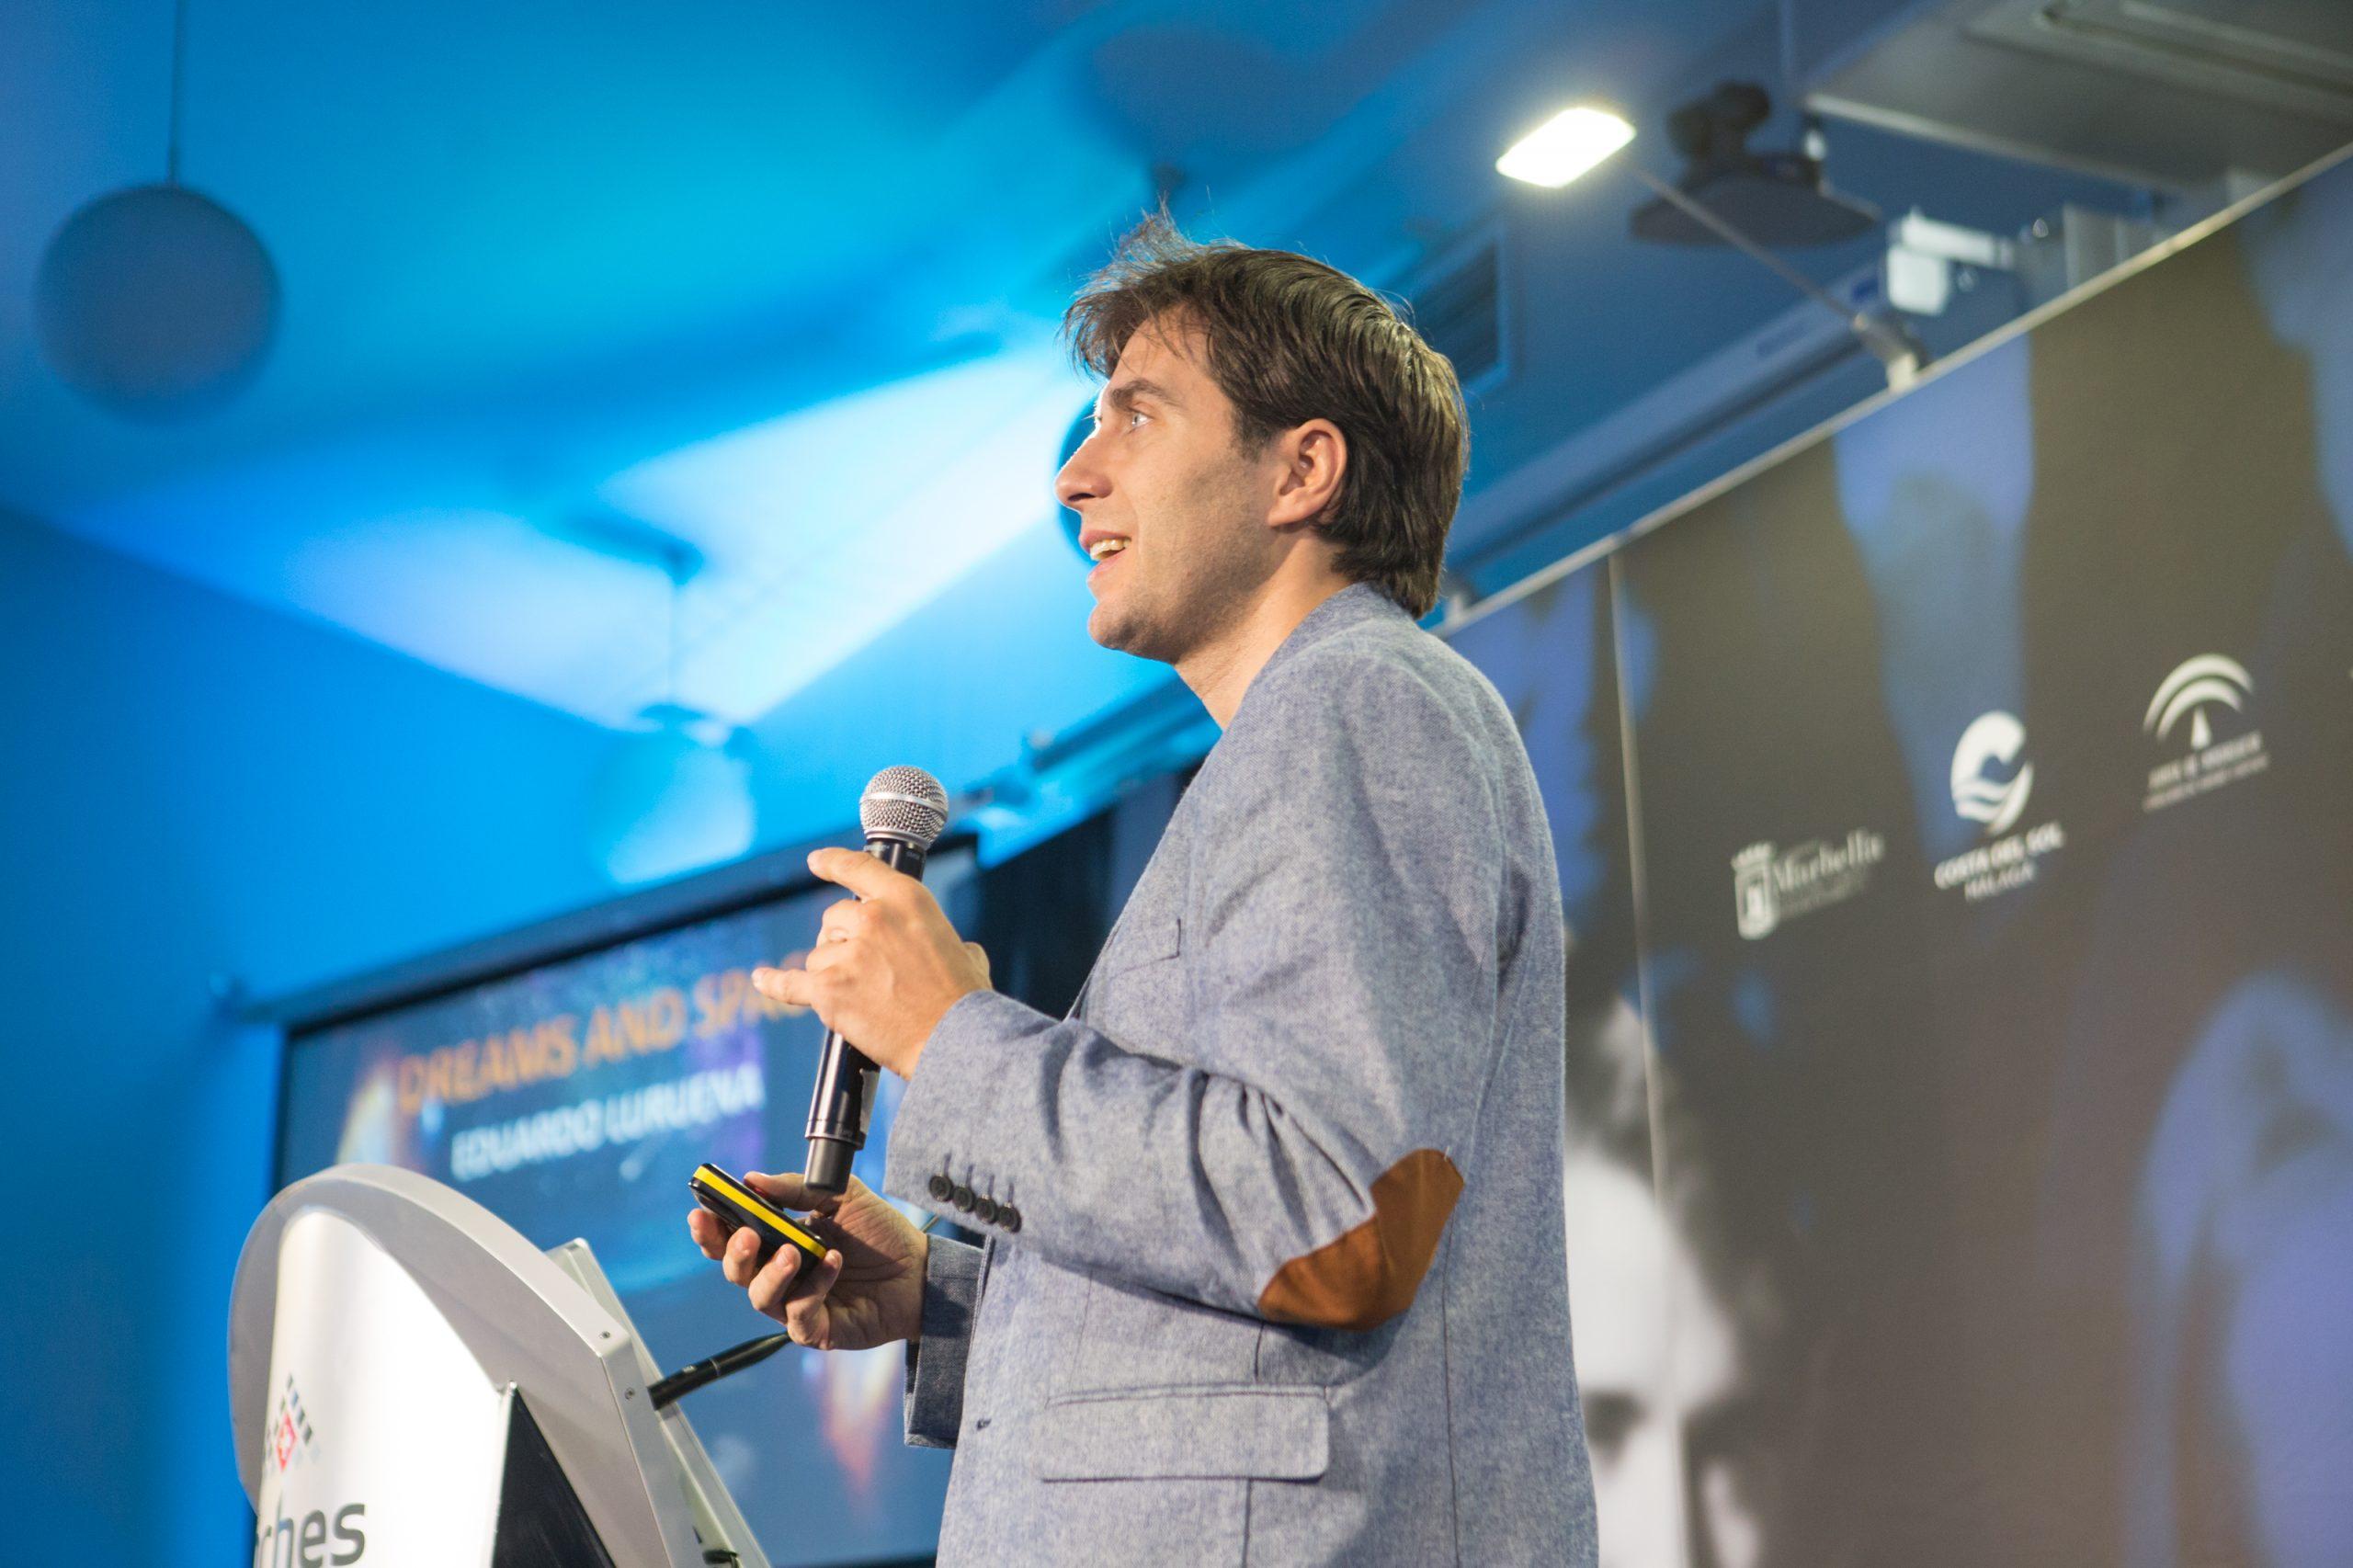 SUTUS 2019. Eduardo Lureña, astronauta y campeón mundial de artes marciales, habla en Les Roches Marbella.